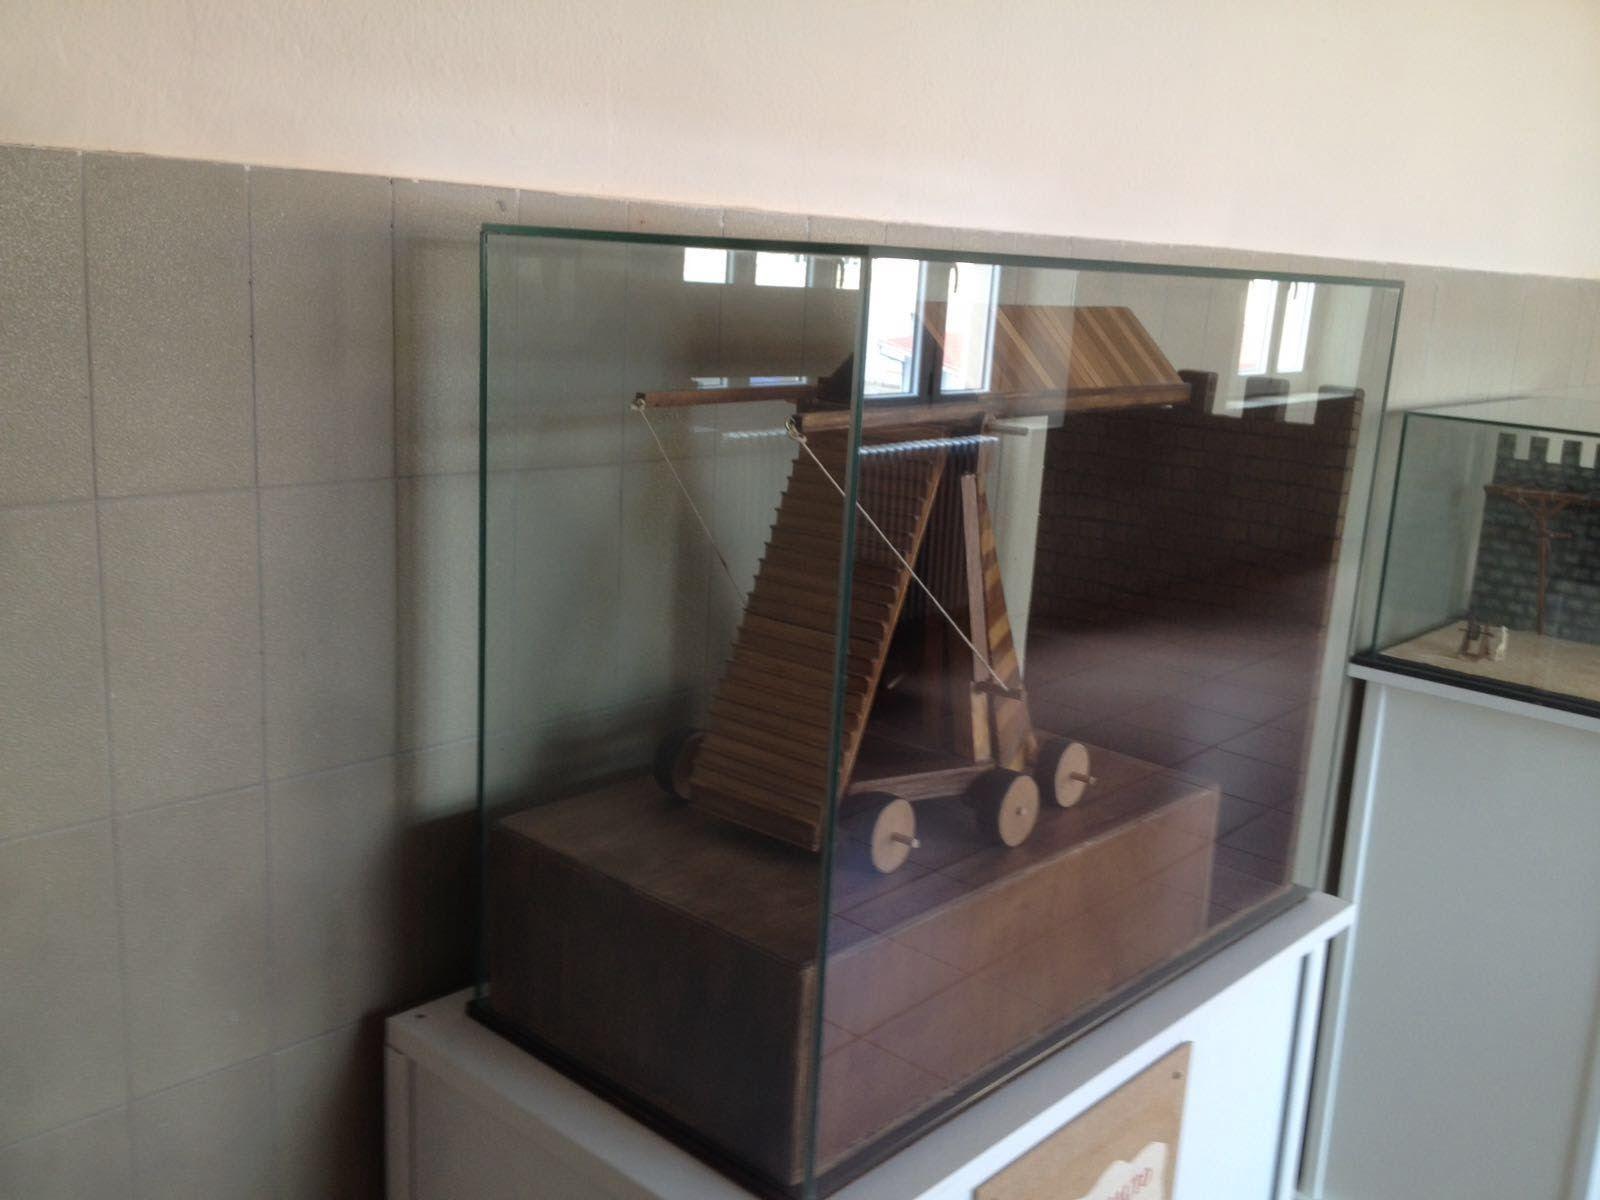 Trabajos en cristal para exposiciones